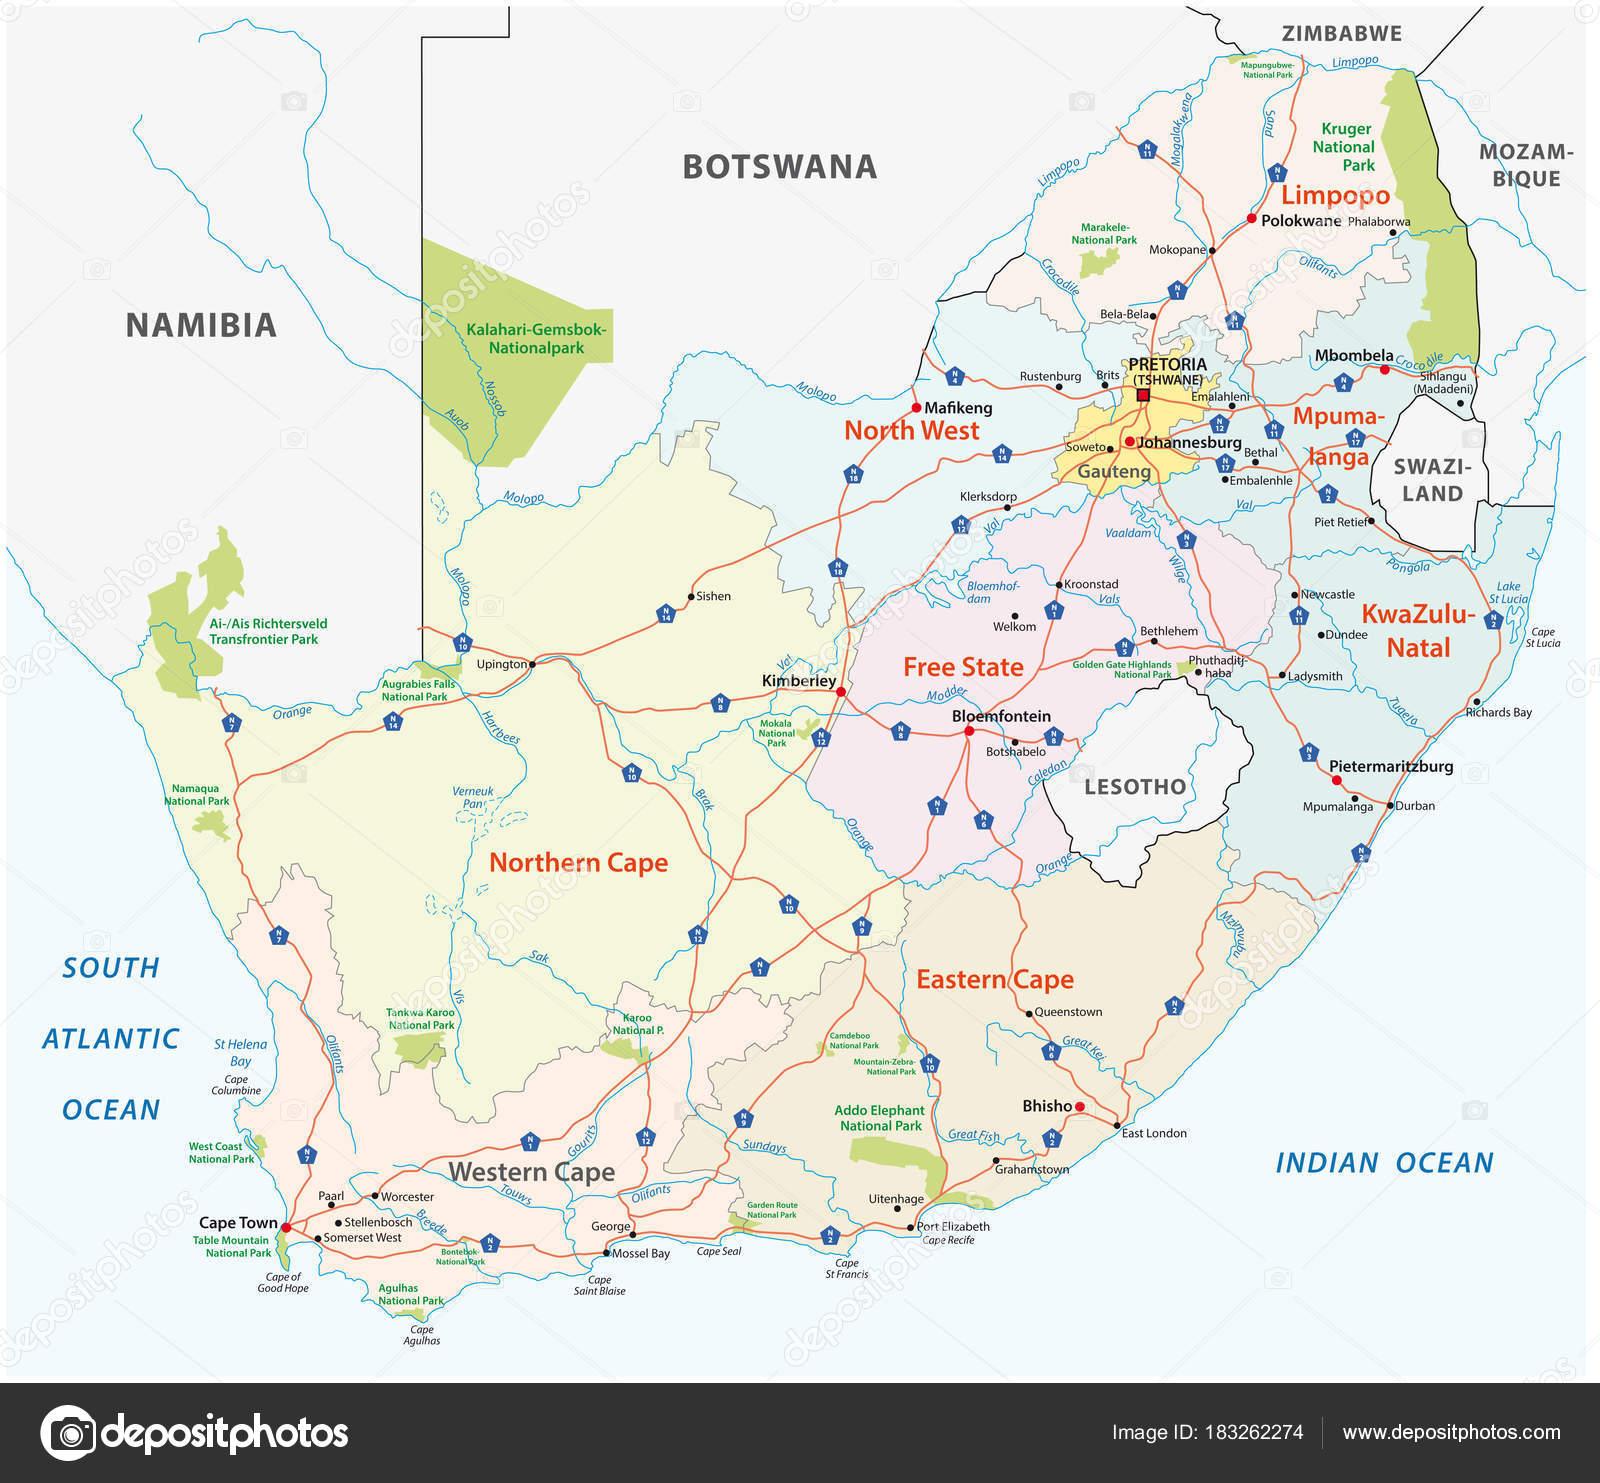 Sud Africa Cartina Politica.Vettore Cartina Politica Sudafrica Sud Africa Road Mappa